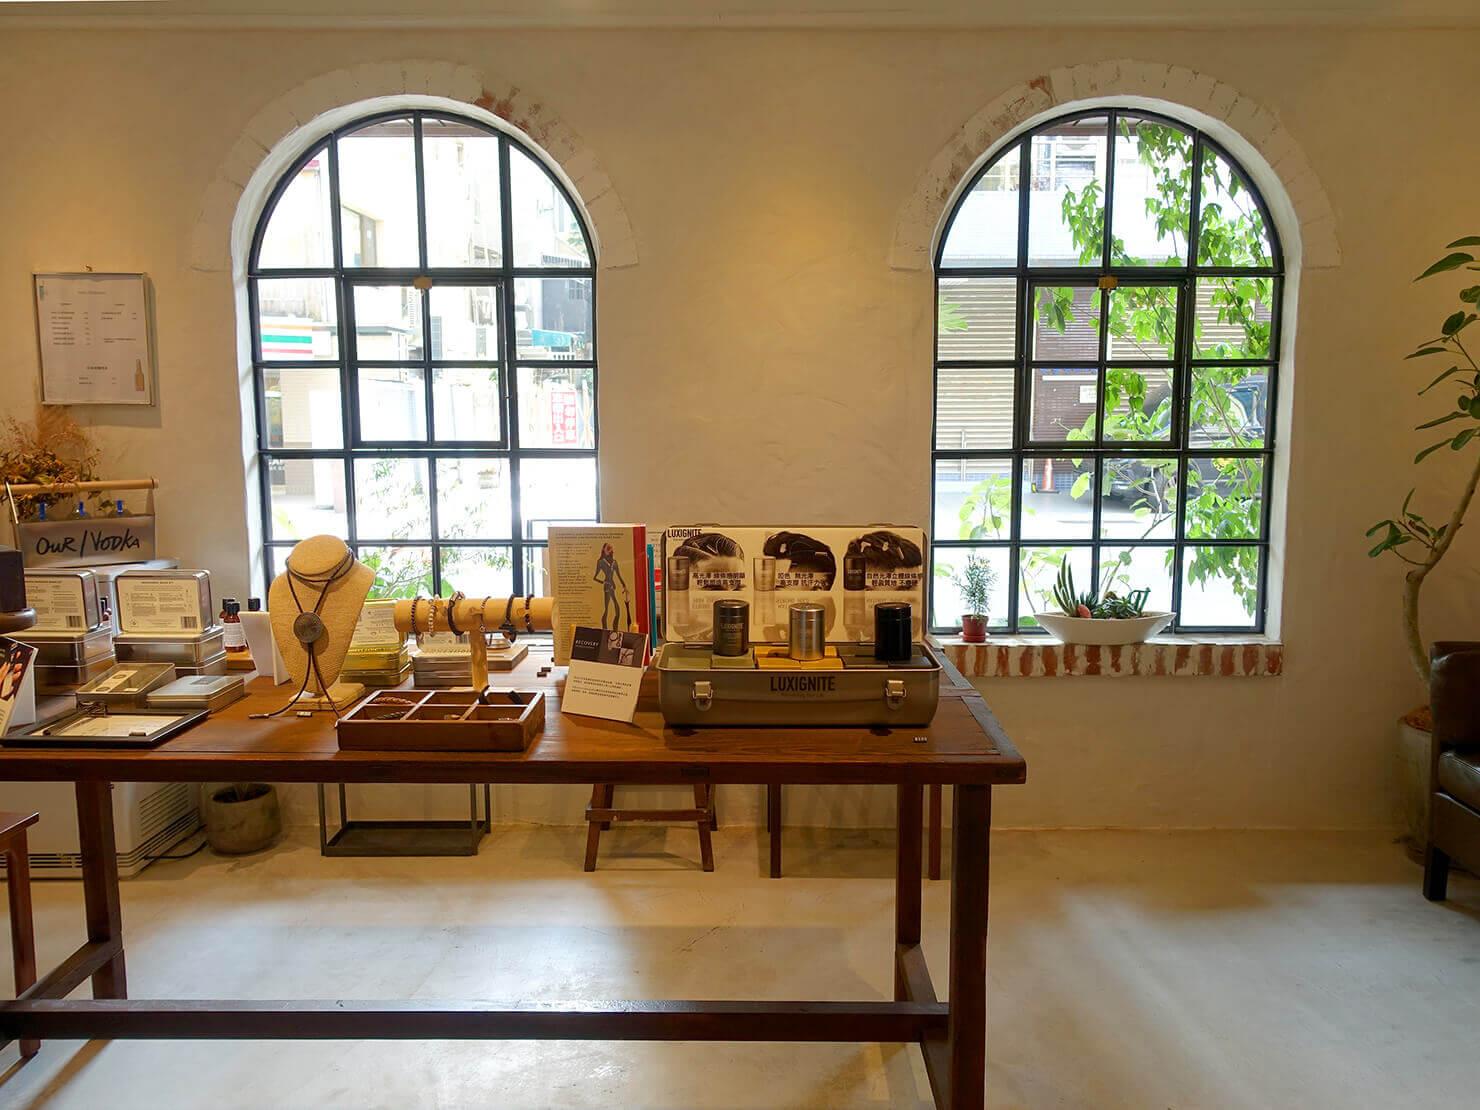 台湾のおすすめ革靴ブランド「林果良品 ORINGO」台北東門店のアーチ型の窓